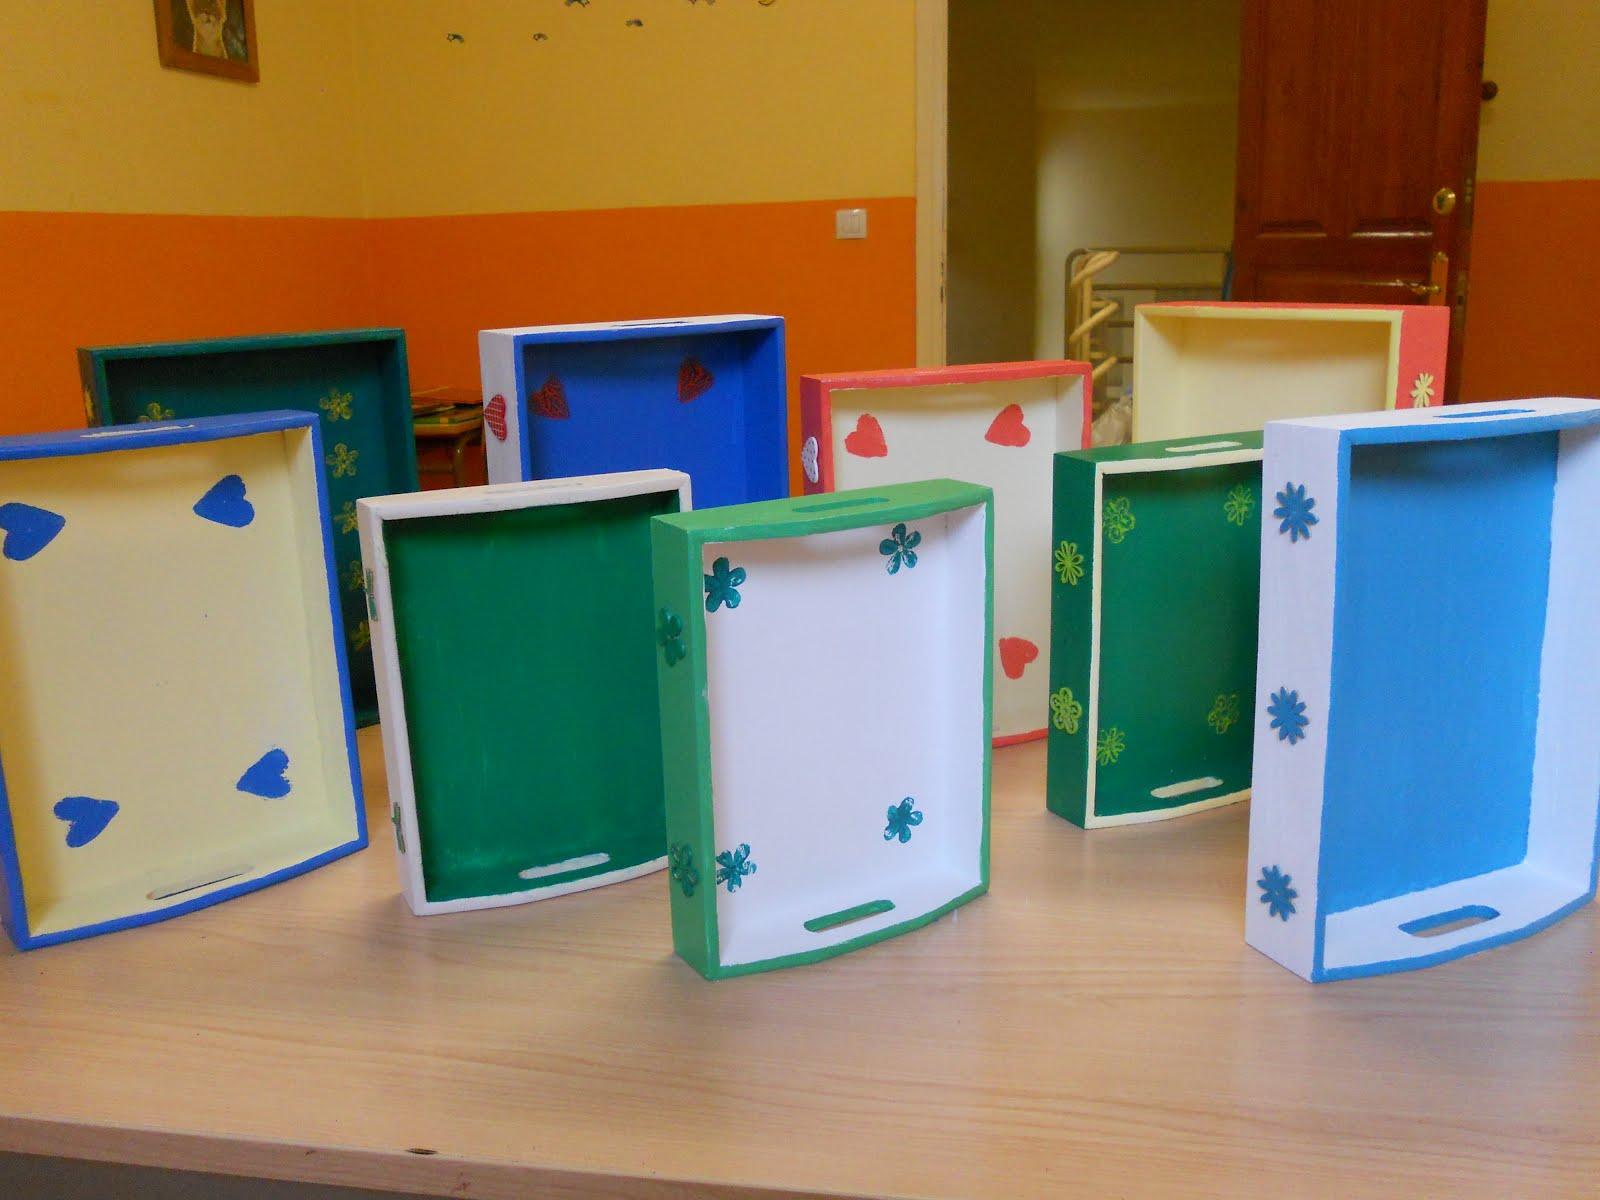 Escuela hogar de soba bandejas de madera decoradas for Bandejas de madera decoradas